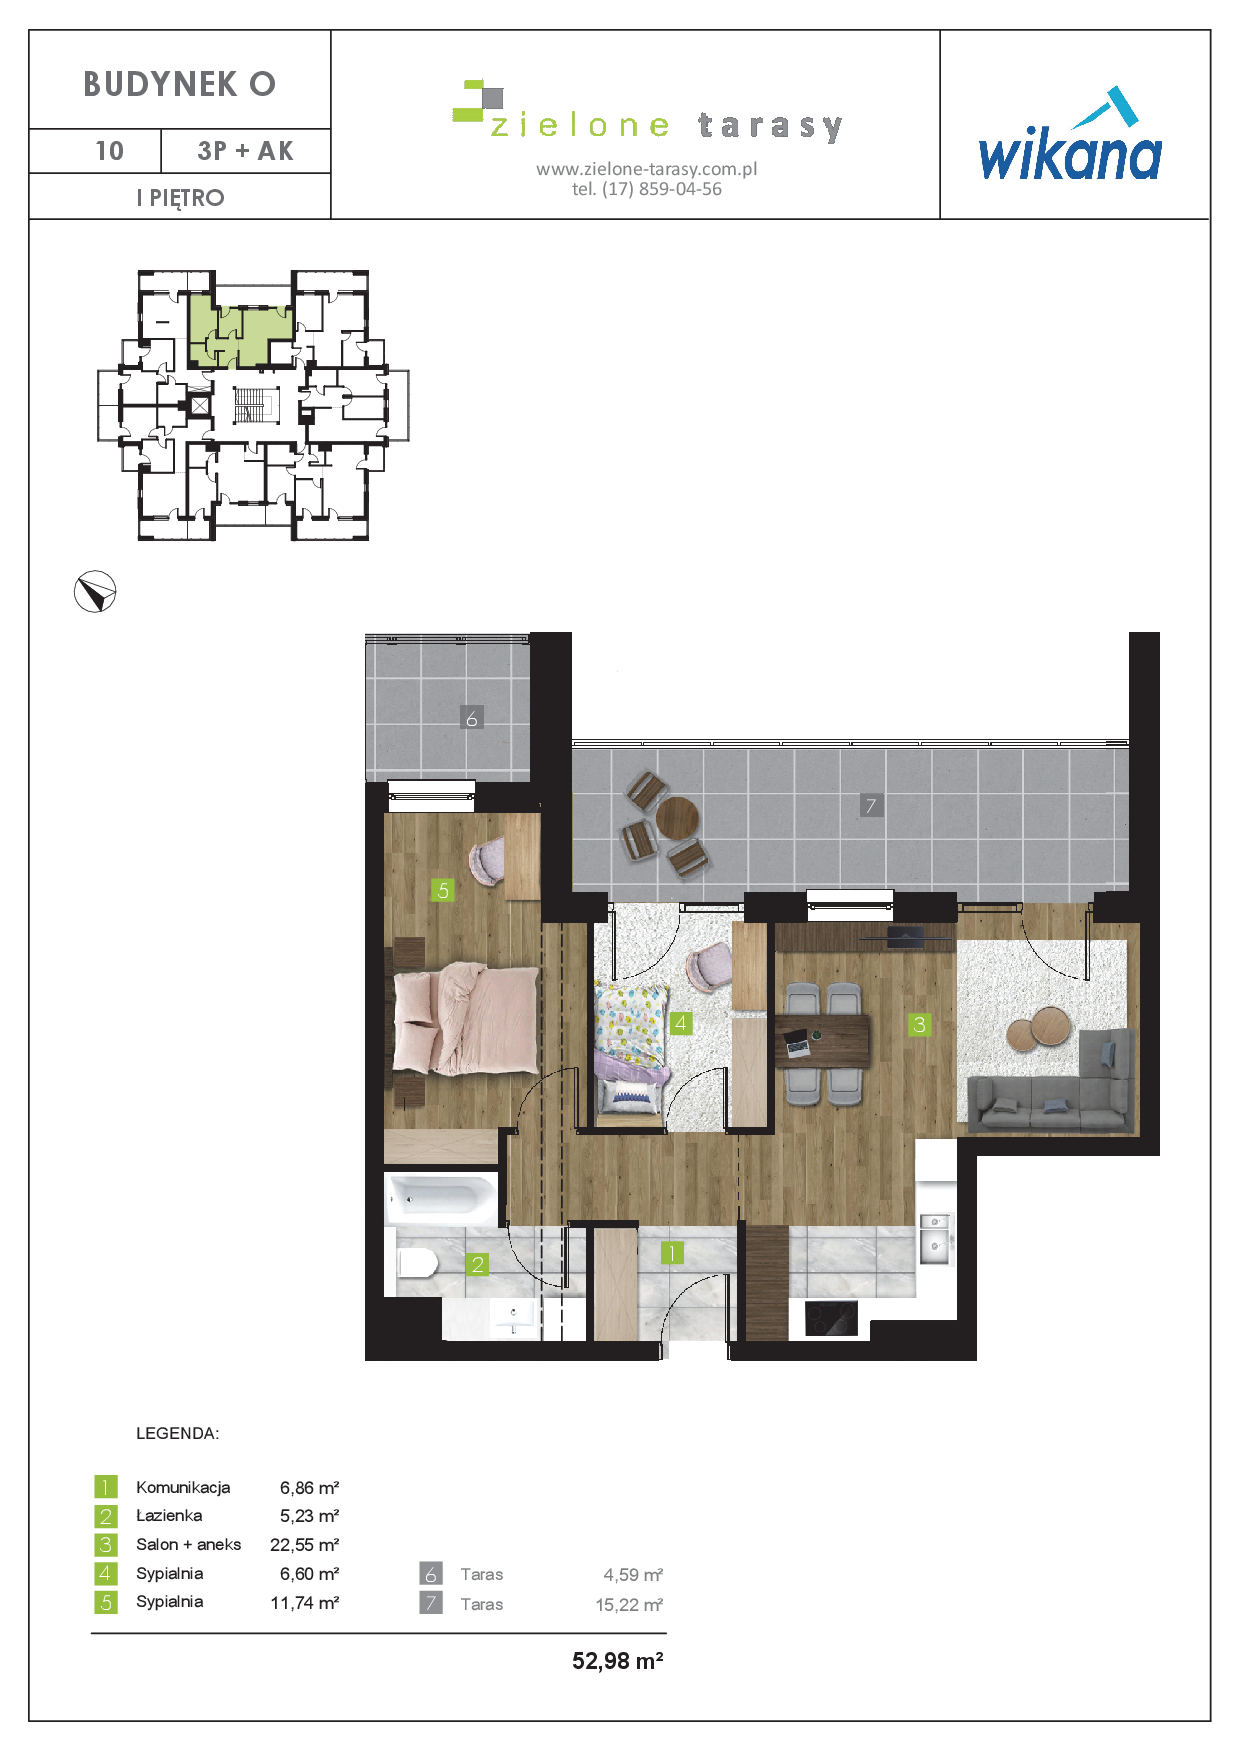 sprzedaż mieszkań rzeszów - O-10